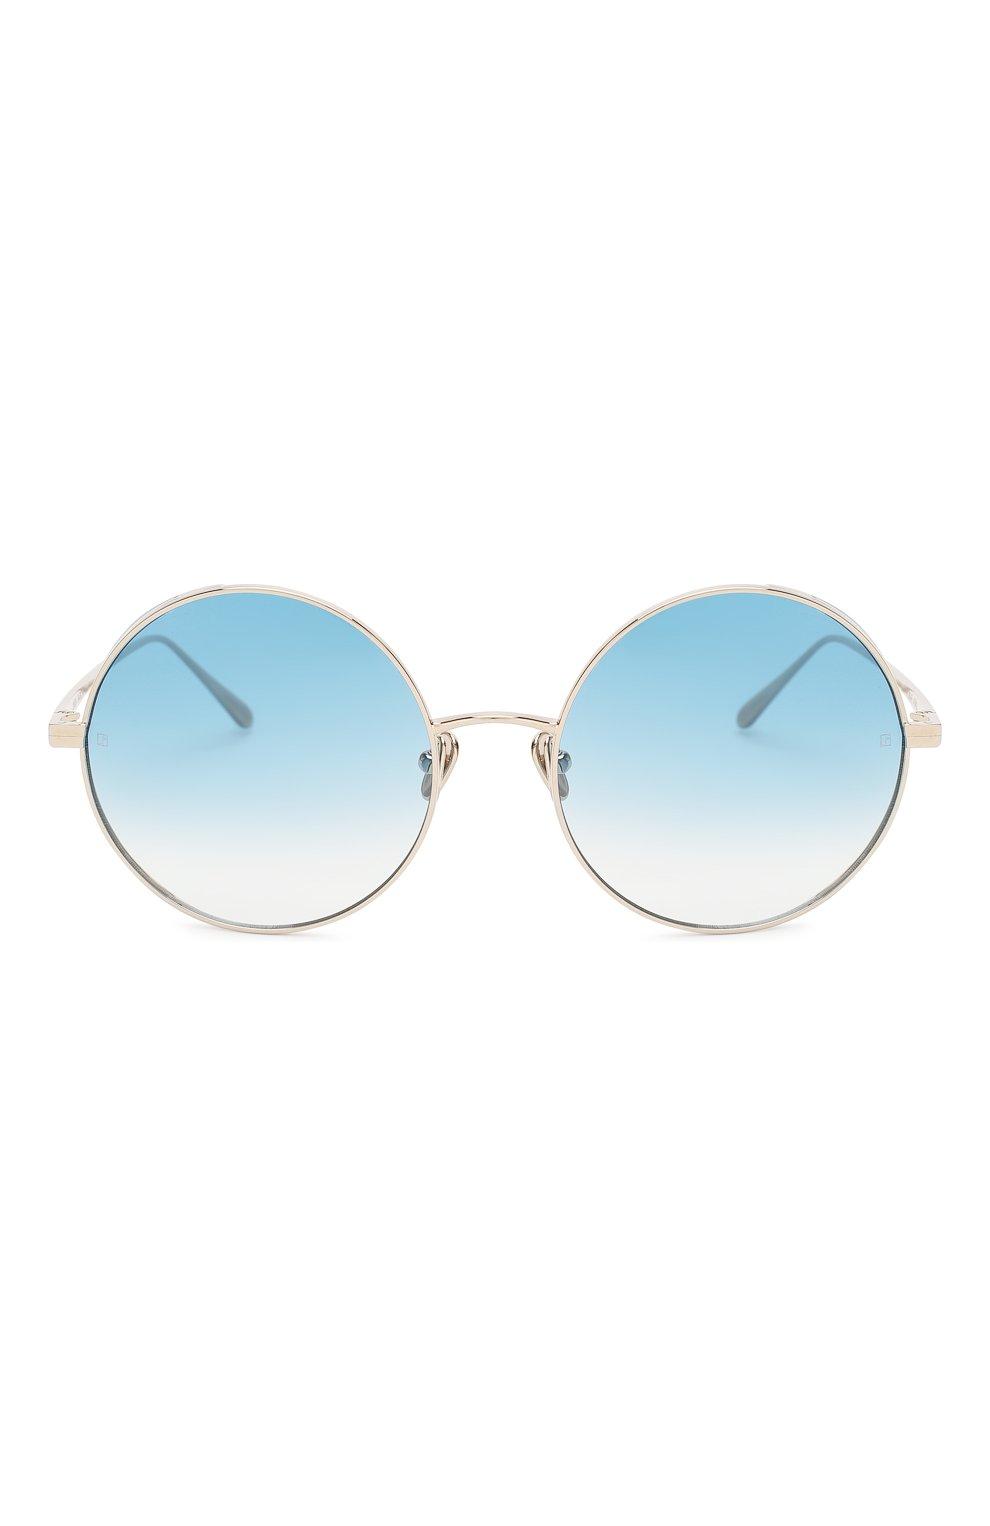 Женские солнцезащитные очки LINDA FARROW голубого цвета, арт. LFL758C8 SUN | Фото 3